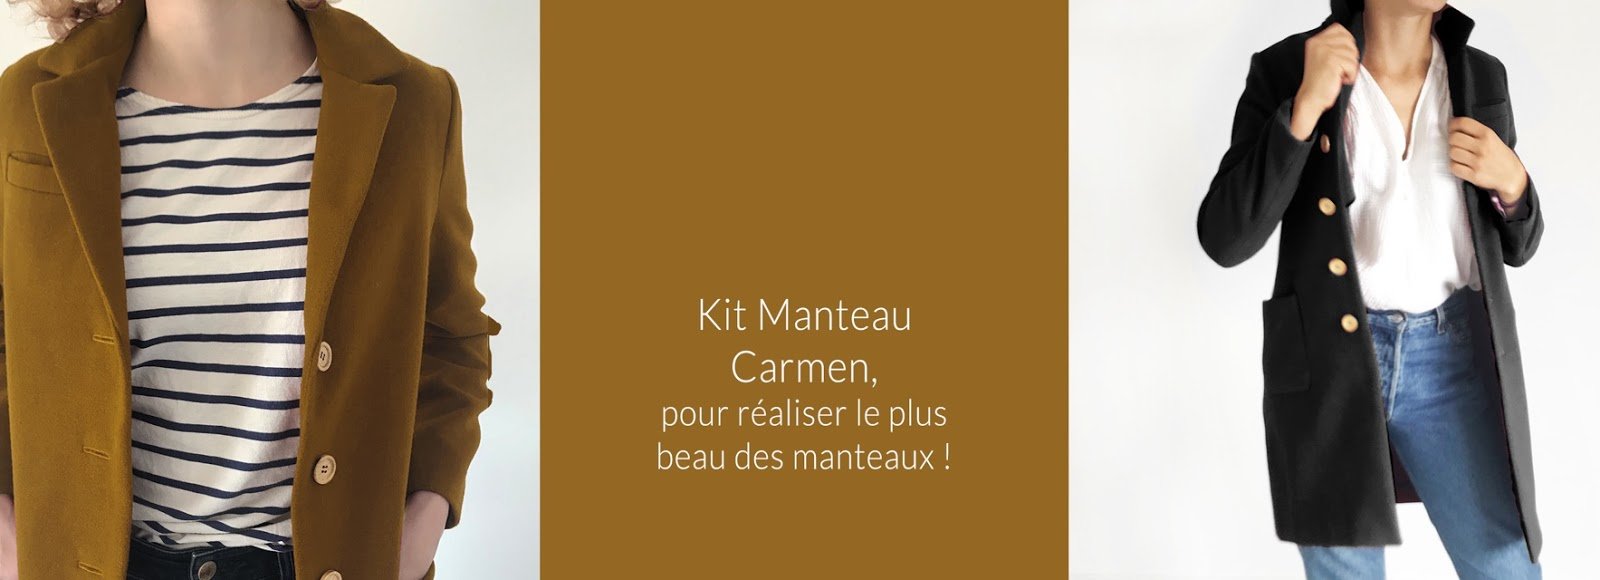 7fa1da3f37f53 CarmencitaB: Le Manteau de Carmen Ep3 - Quelle taille choisir?